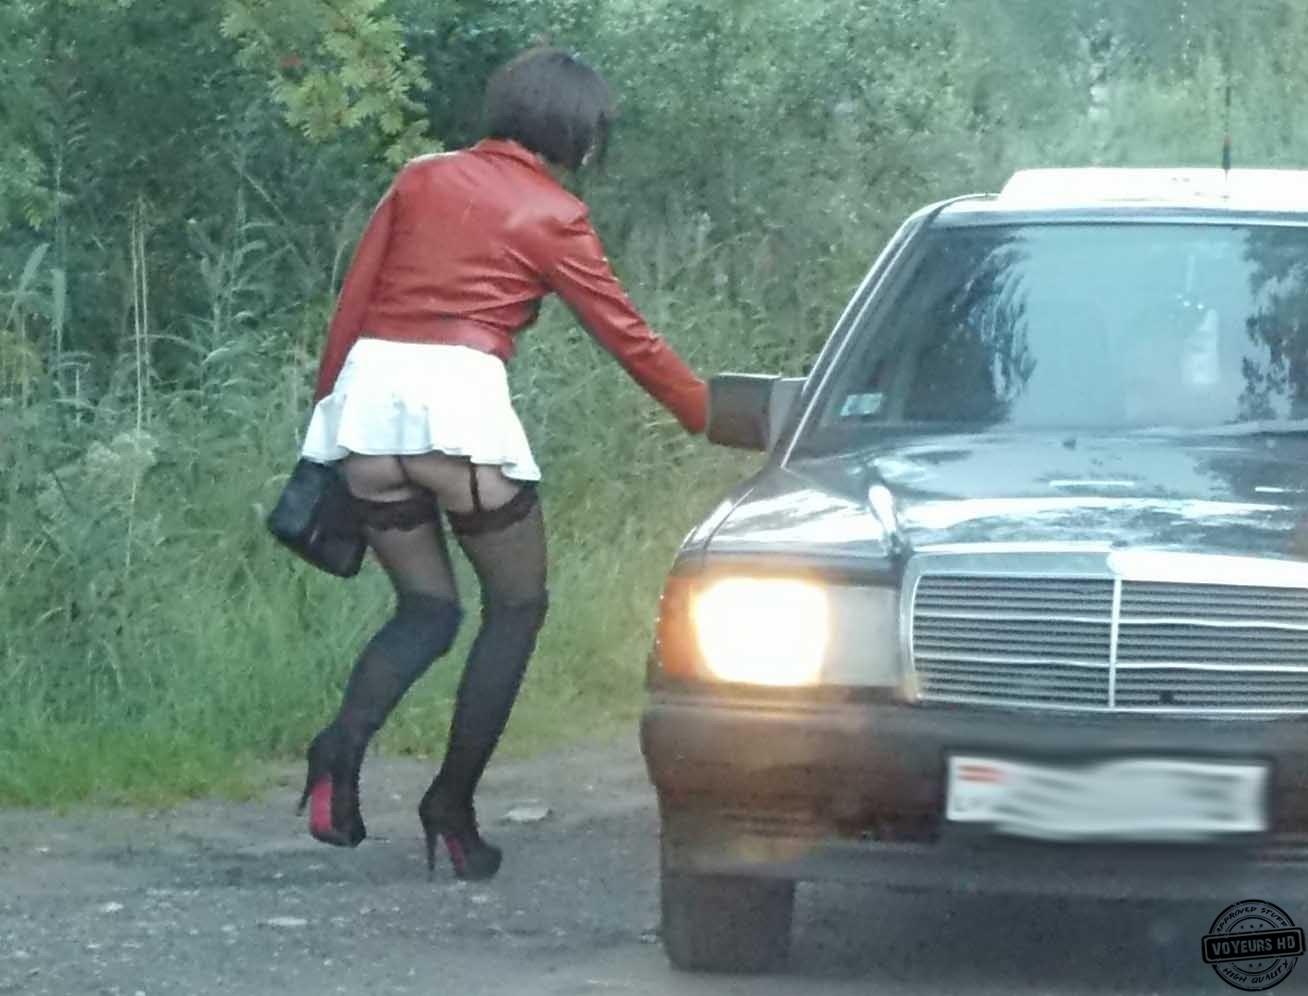 Работа проституток с дальнобойщиками 27 фотография